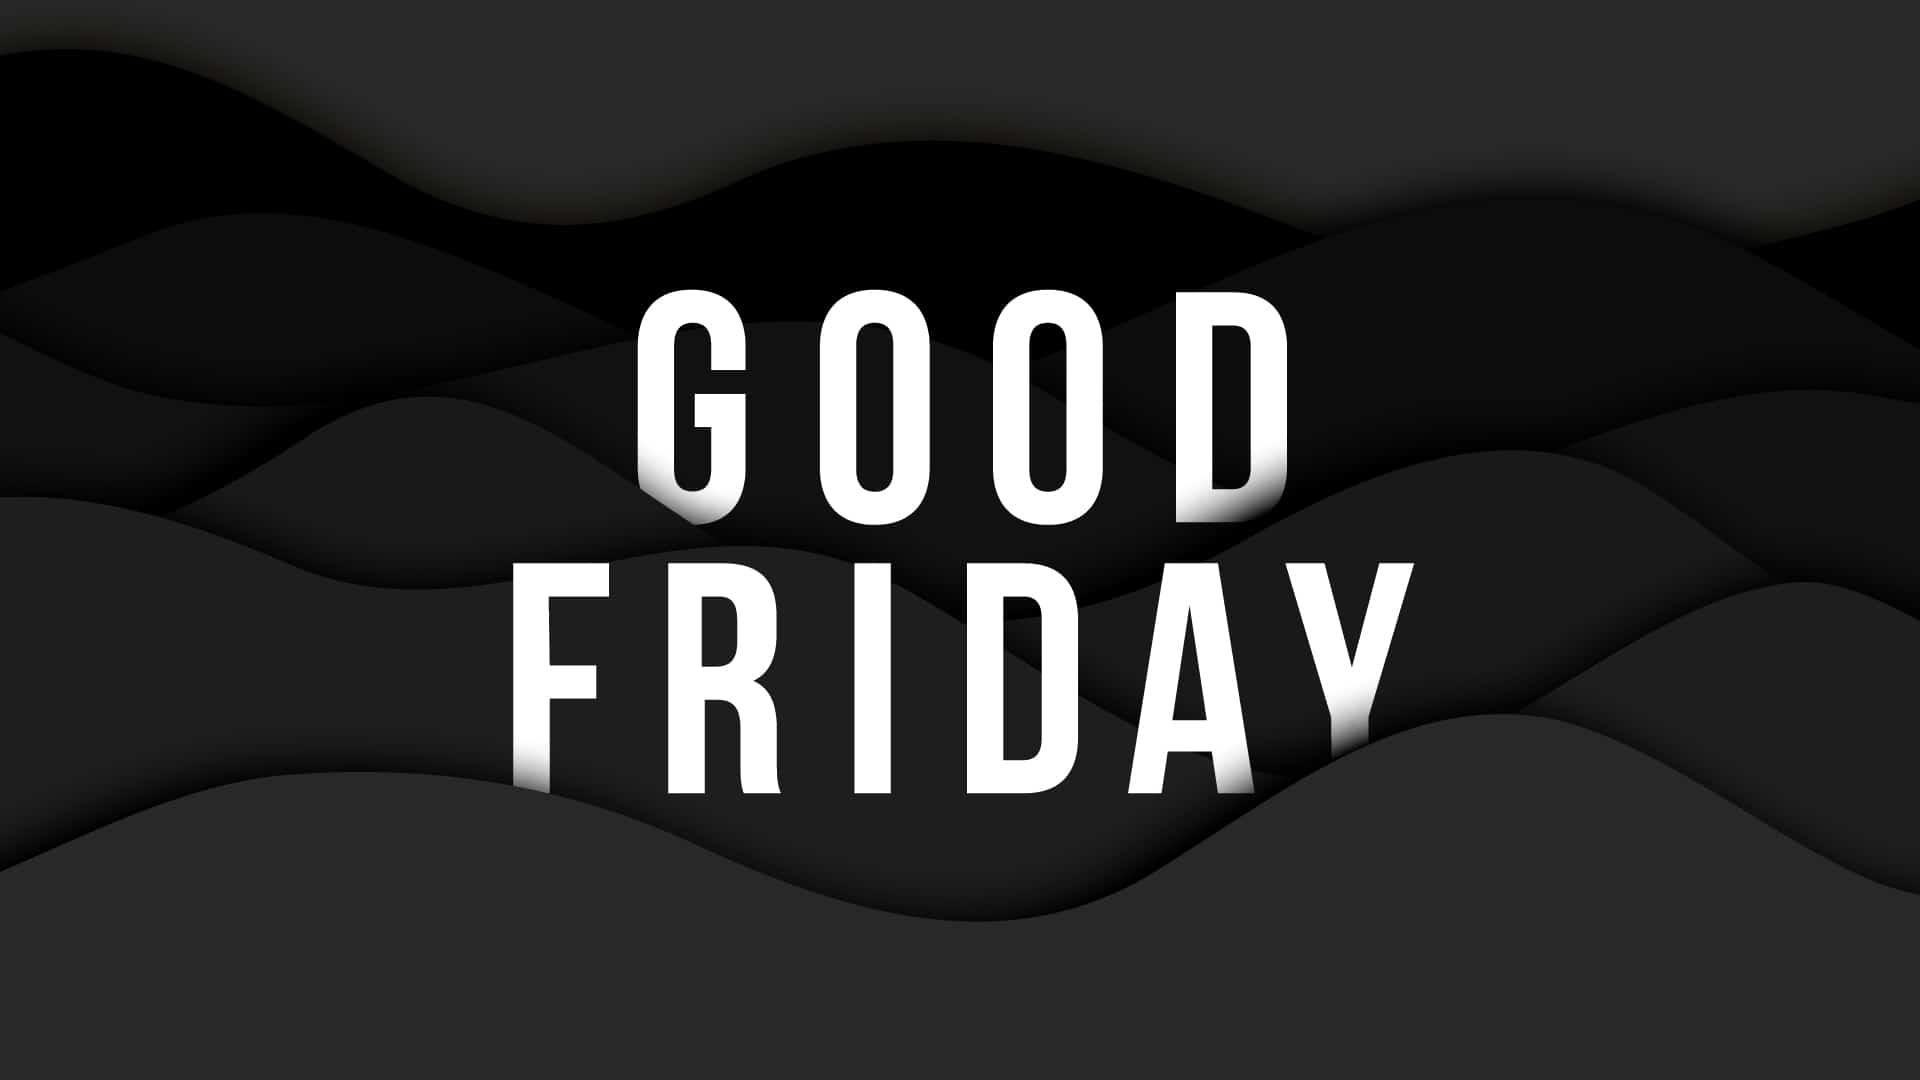 Good Friday Services Orlando